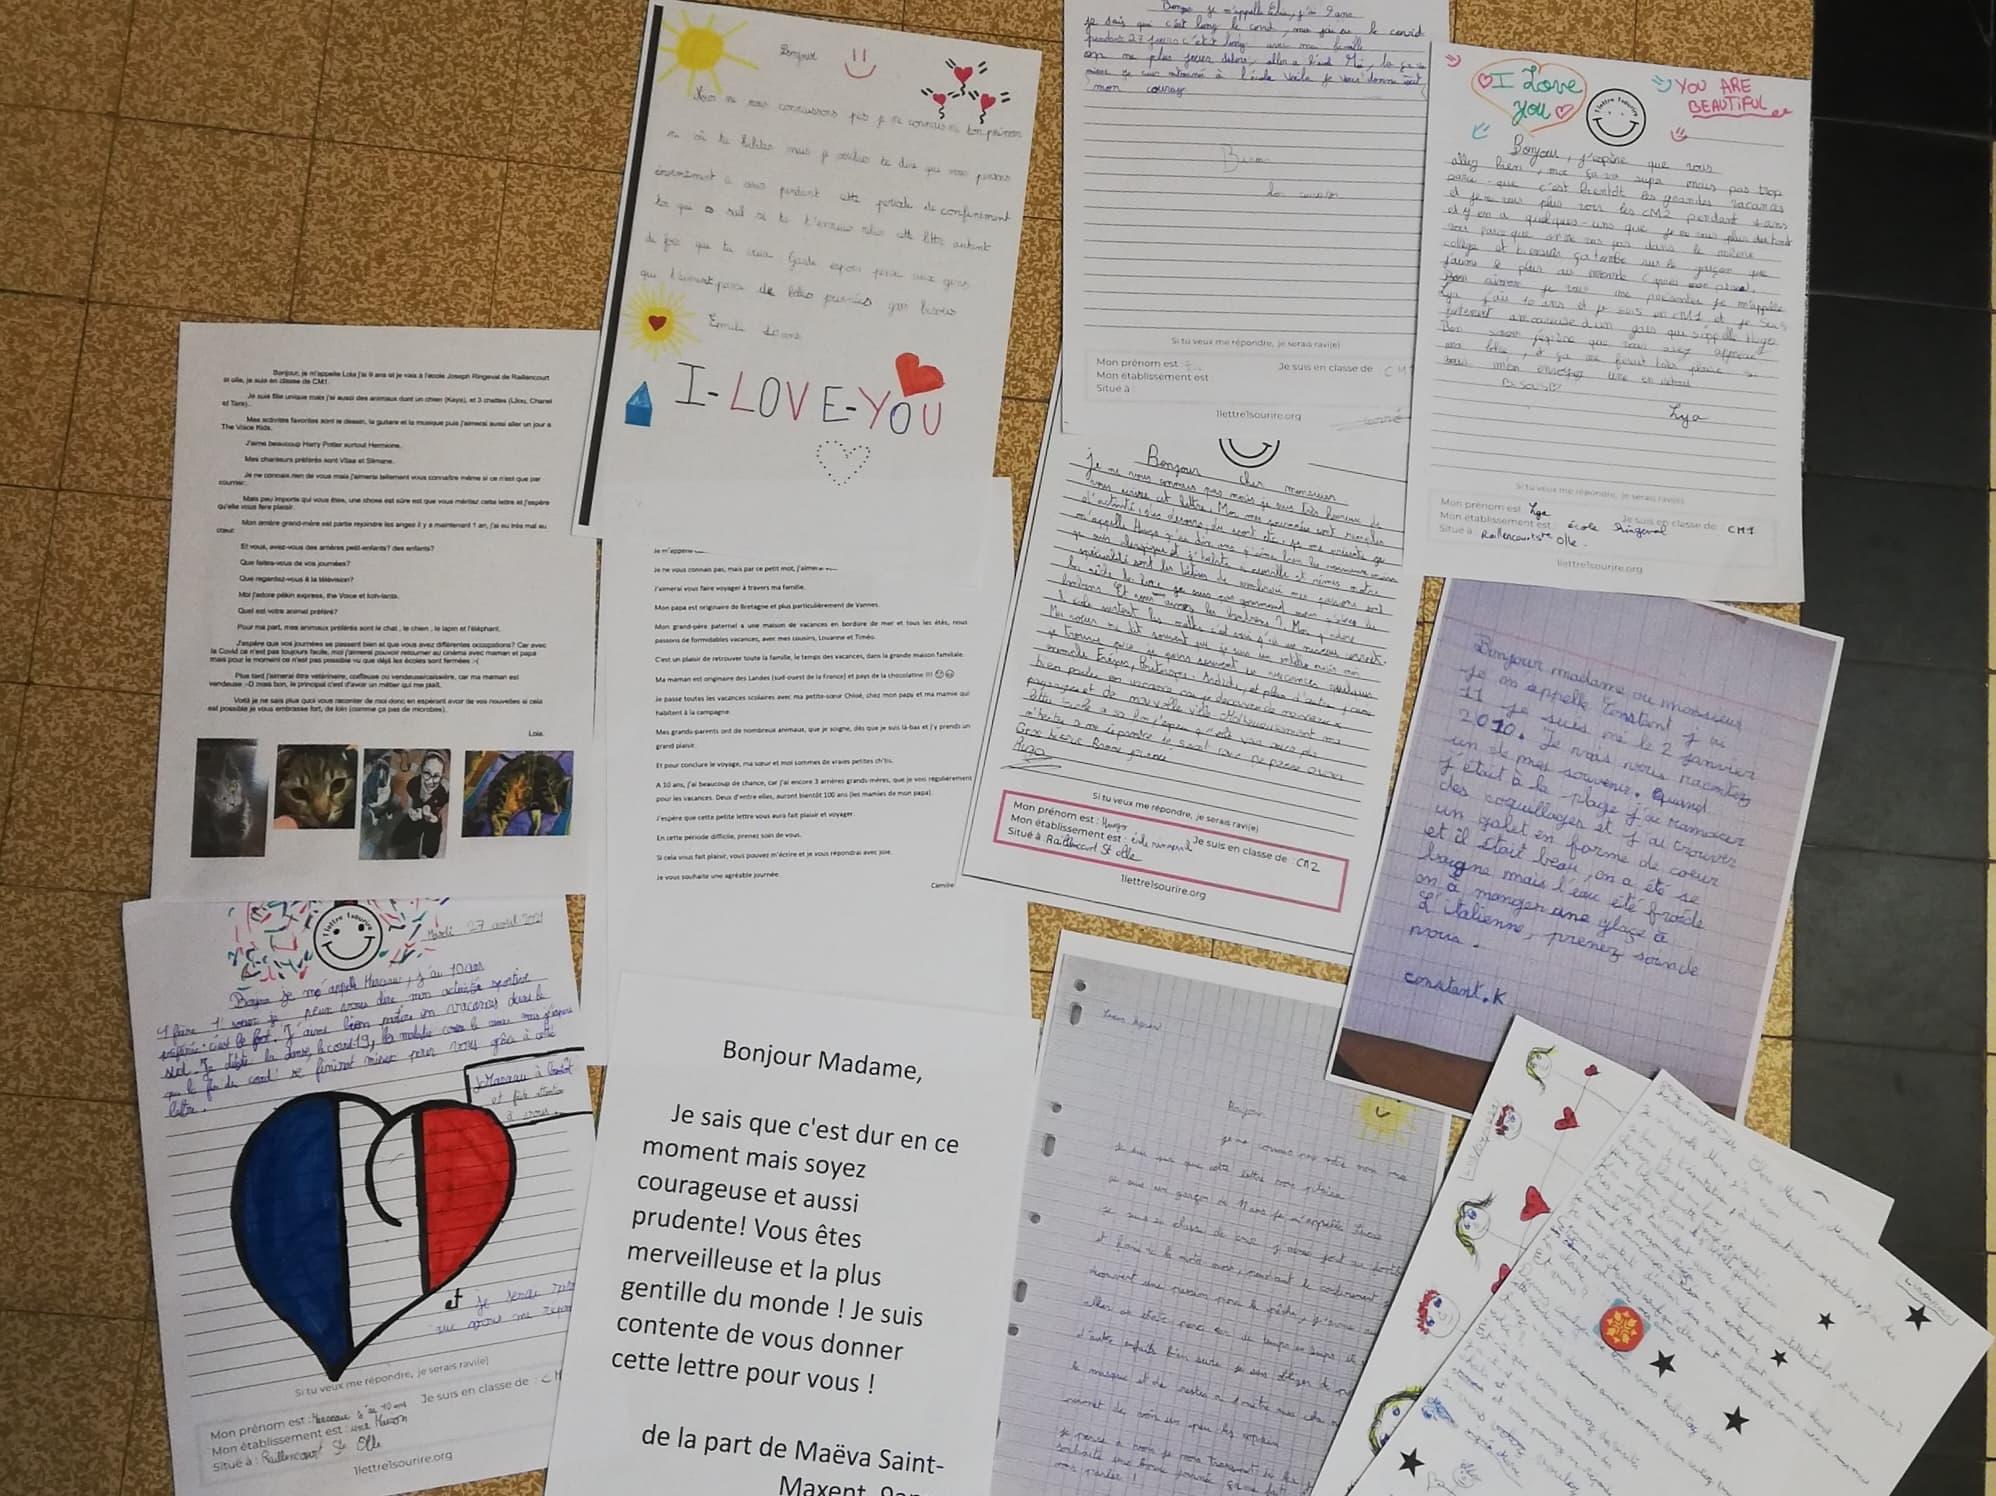 Ecrire une lettre pour donner le sourire